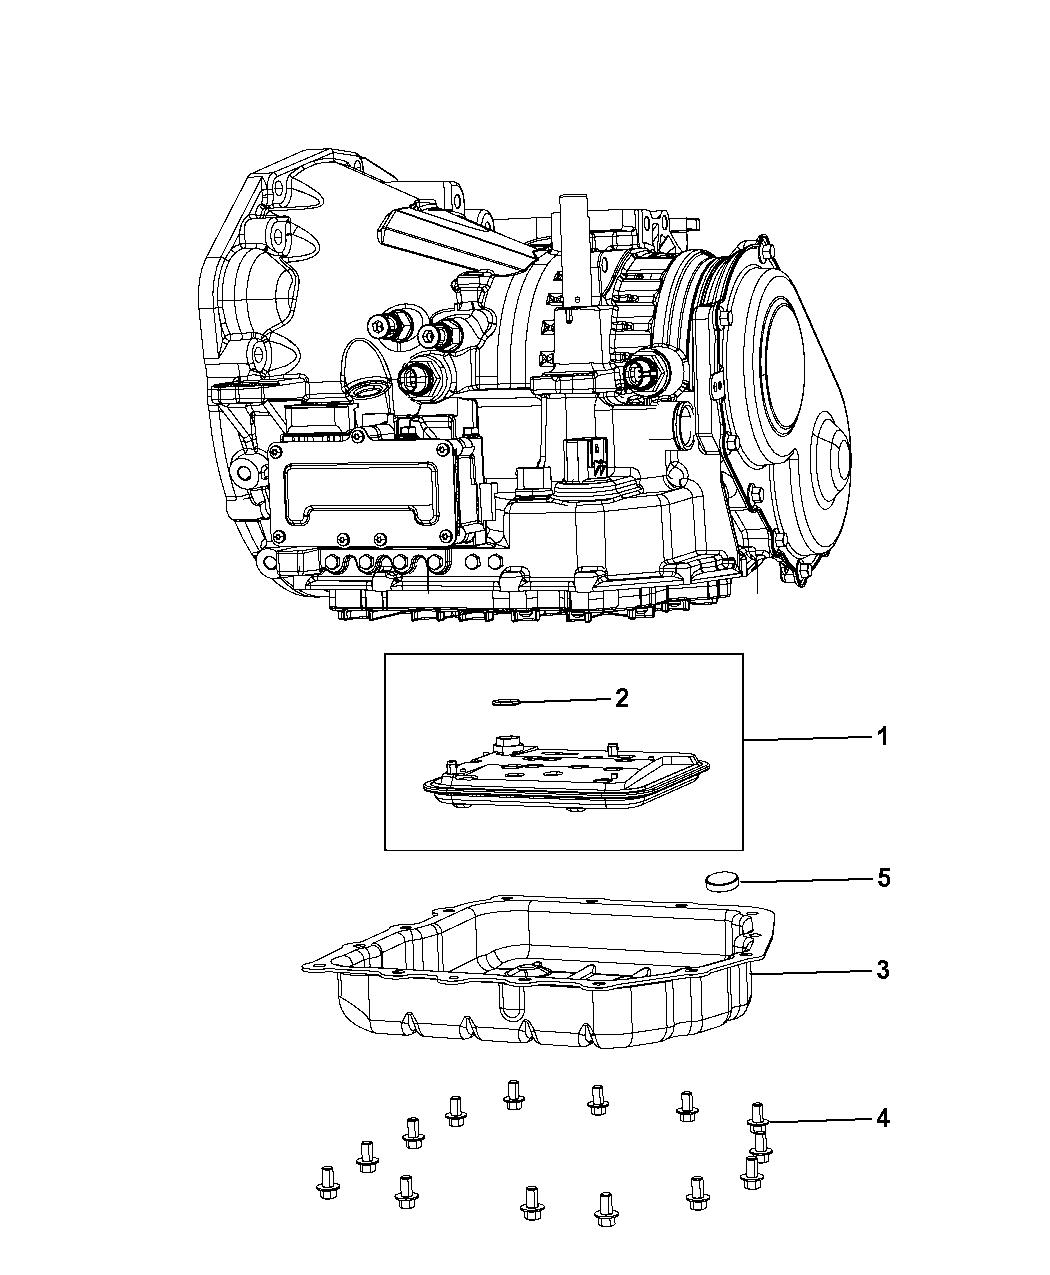 2010 dodge avenger fuel filter